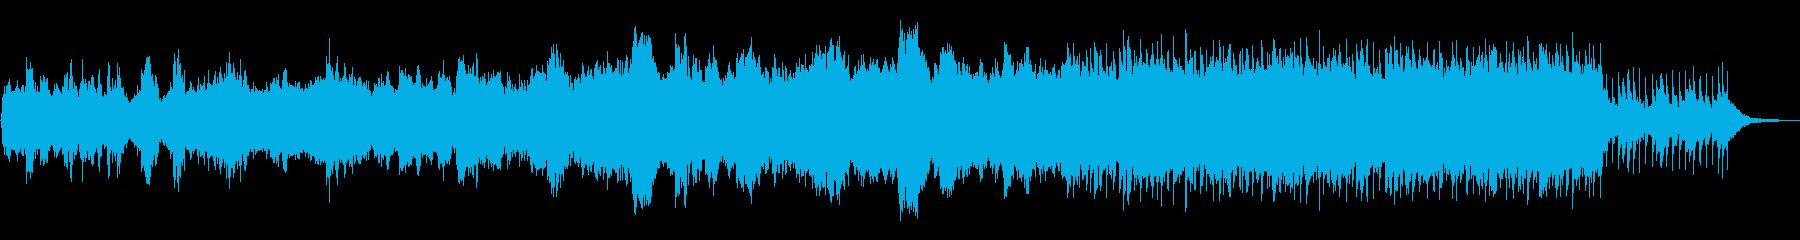 ヒーリング&リゾートBGMの再生済みの波形